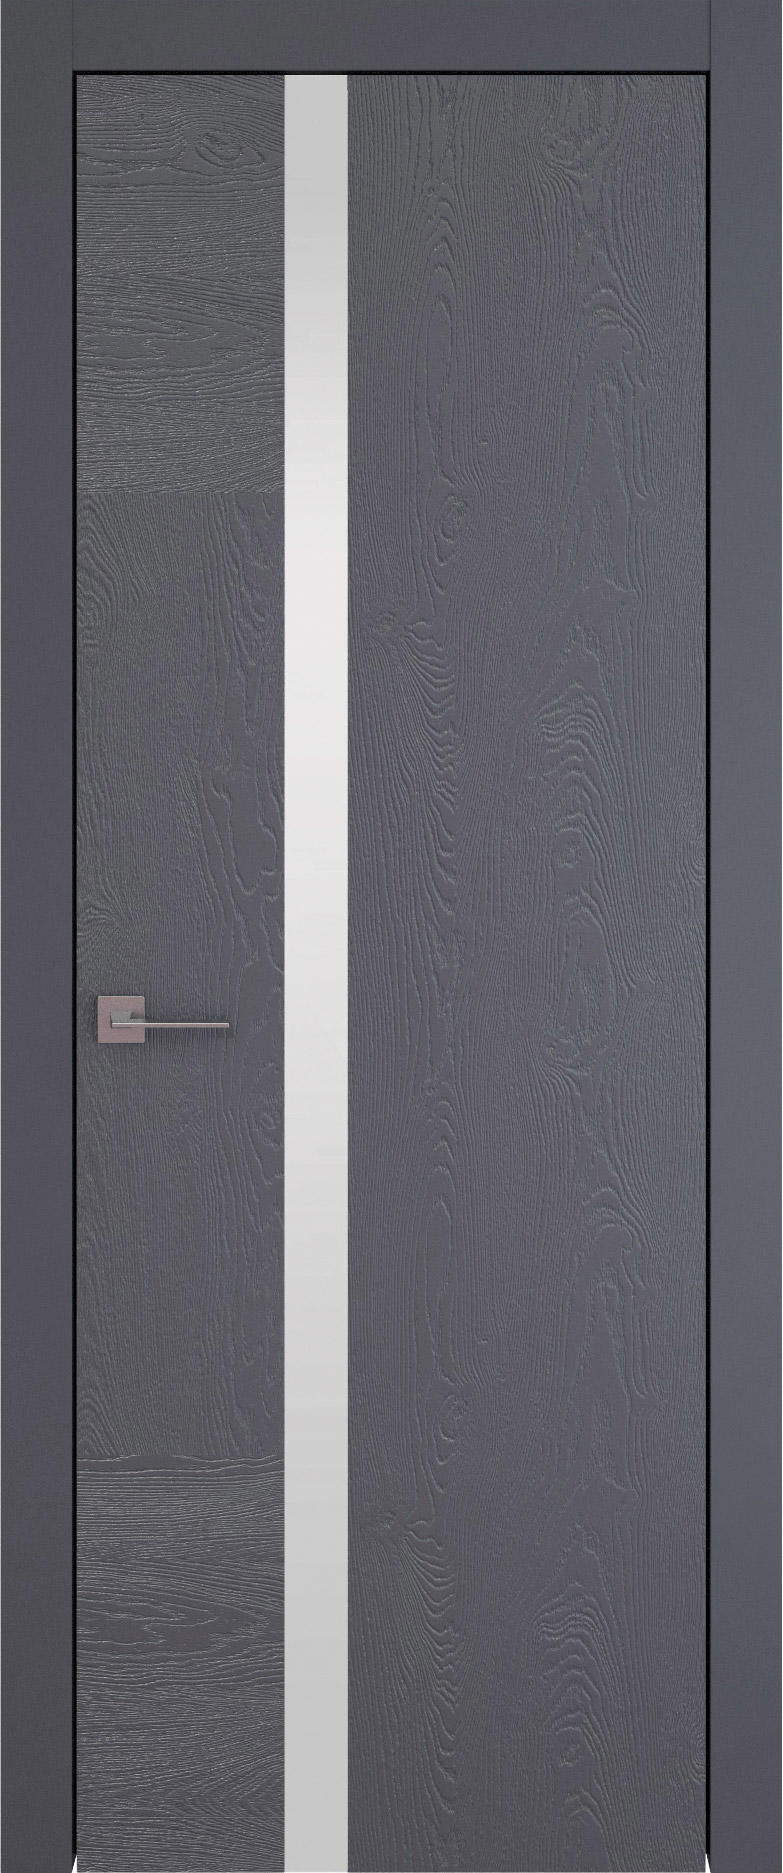 Tivoli Д-1 цвет - Графитово-серая эмаль по шпону (RAL 7024) Без стекла (ДГ)